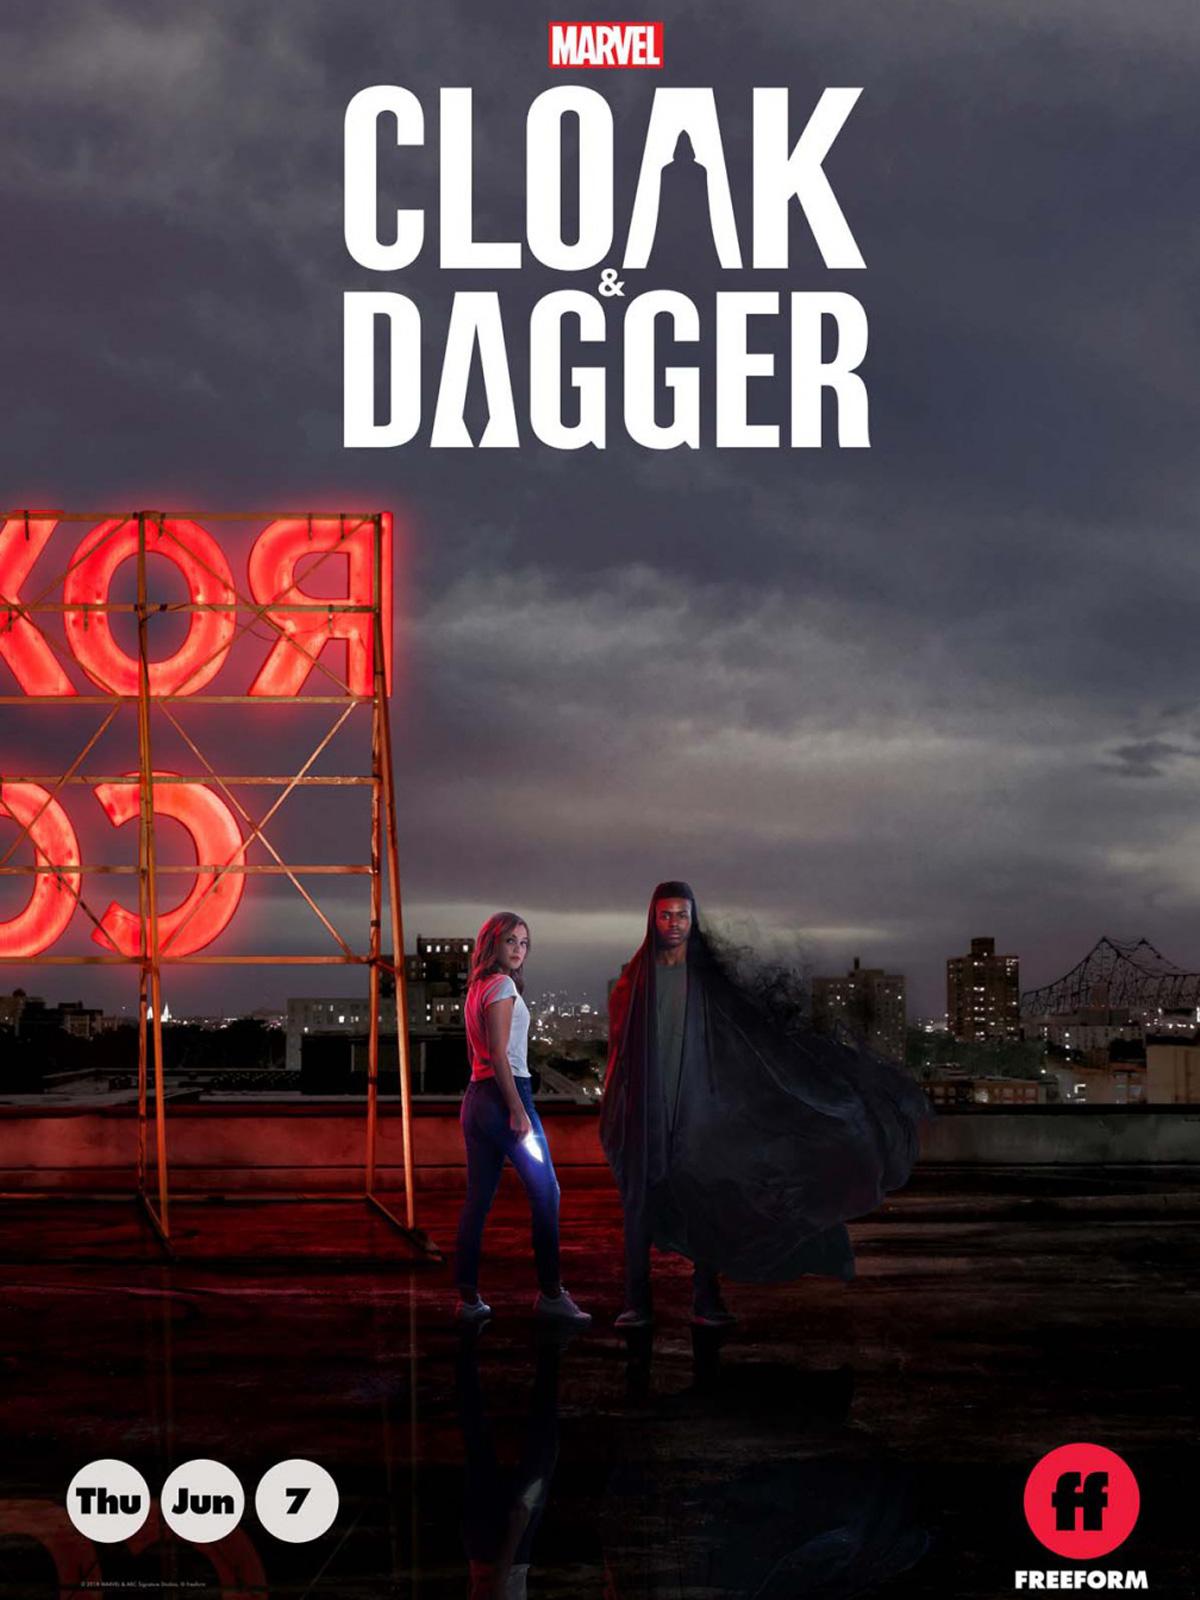 Affiche de la série Marvel's Cloak And Dagger